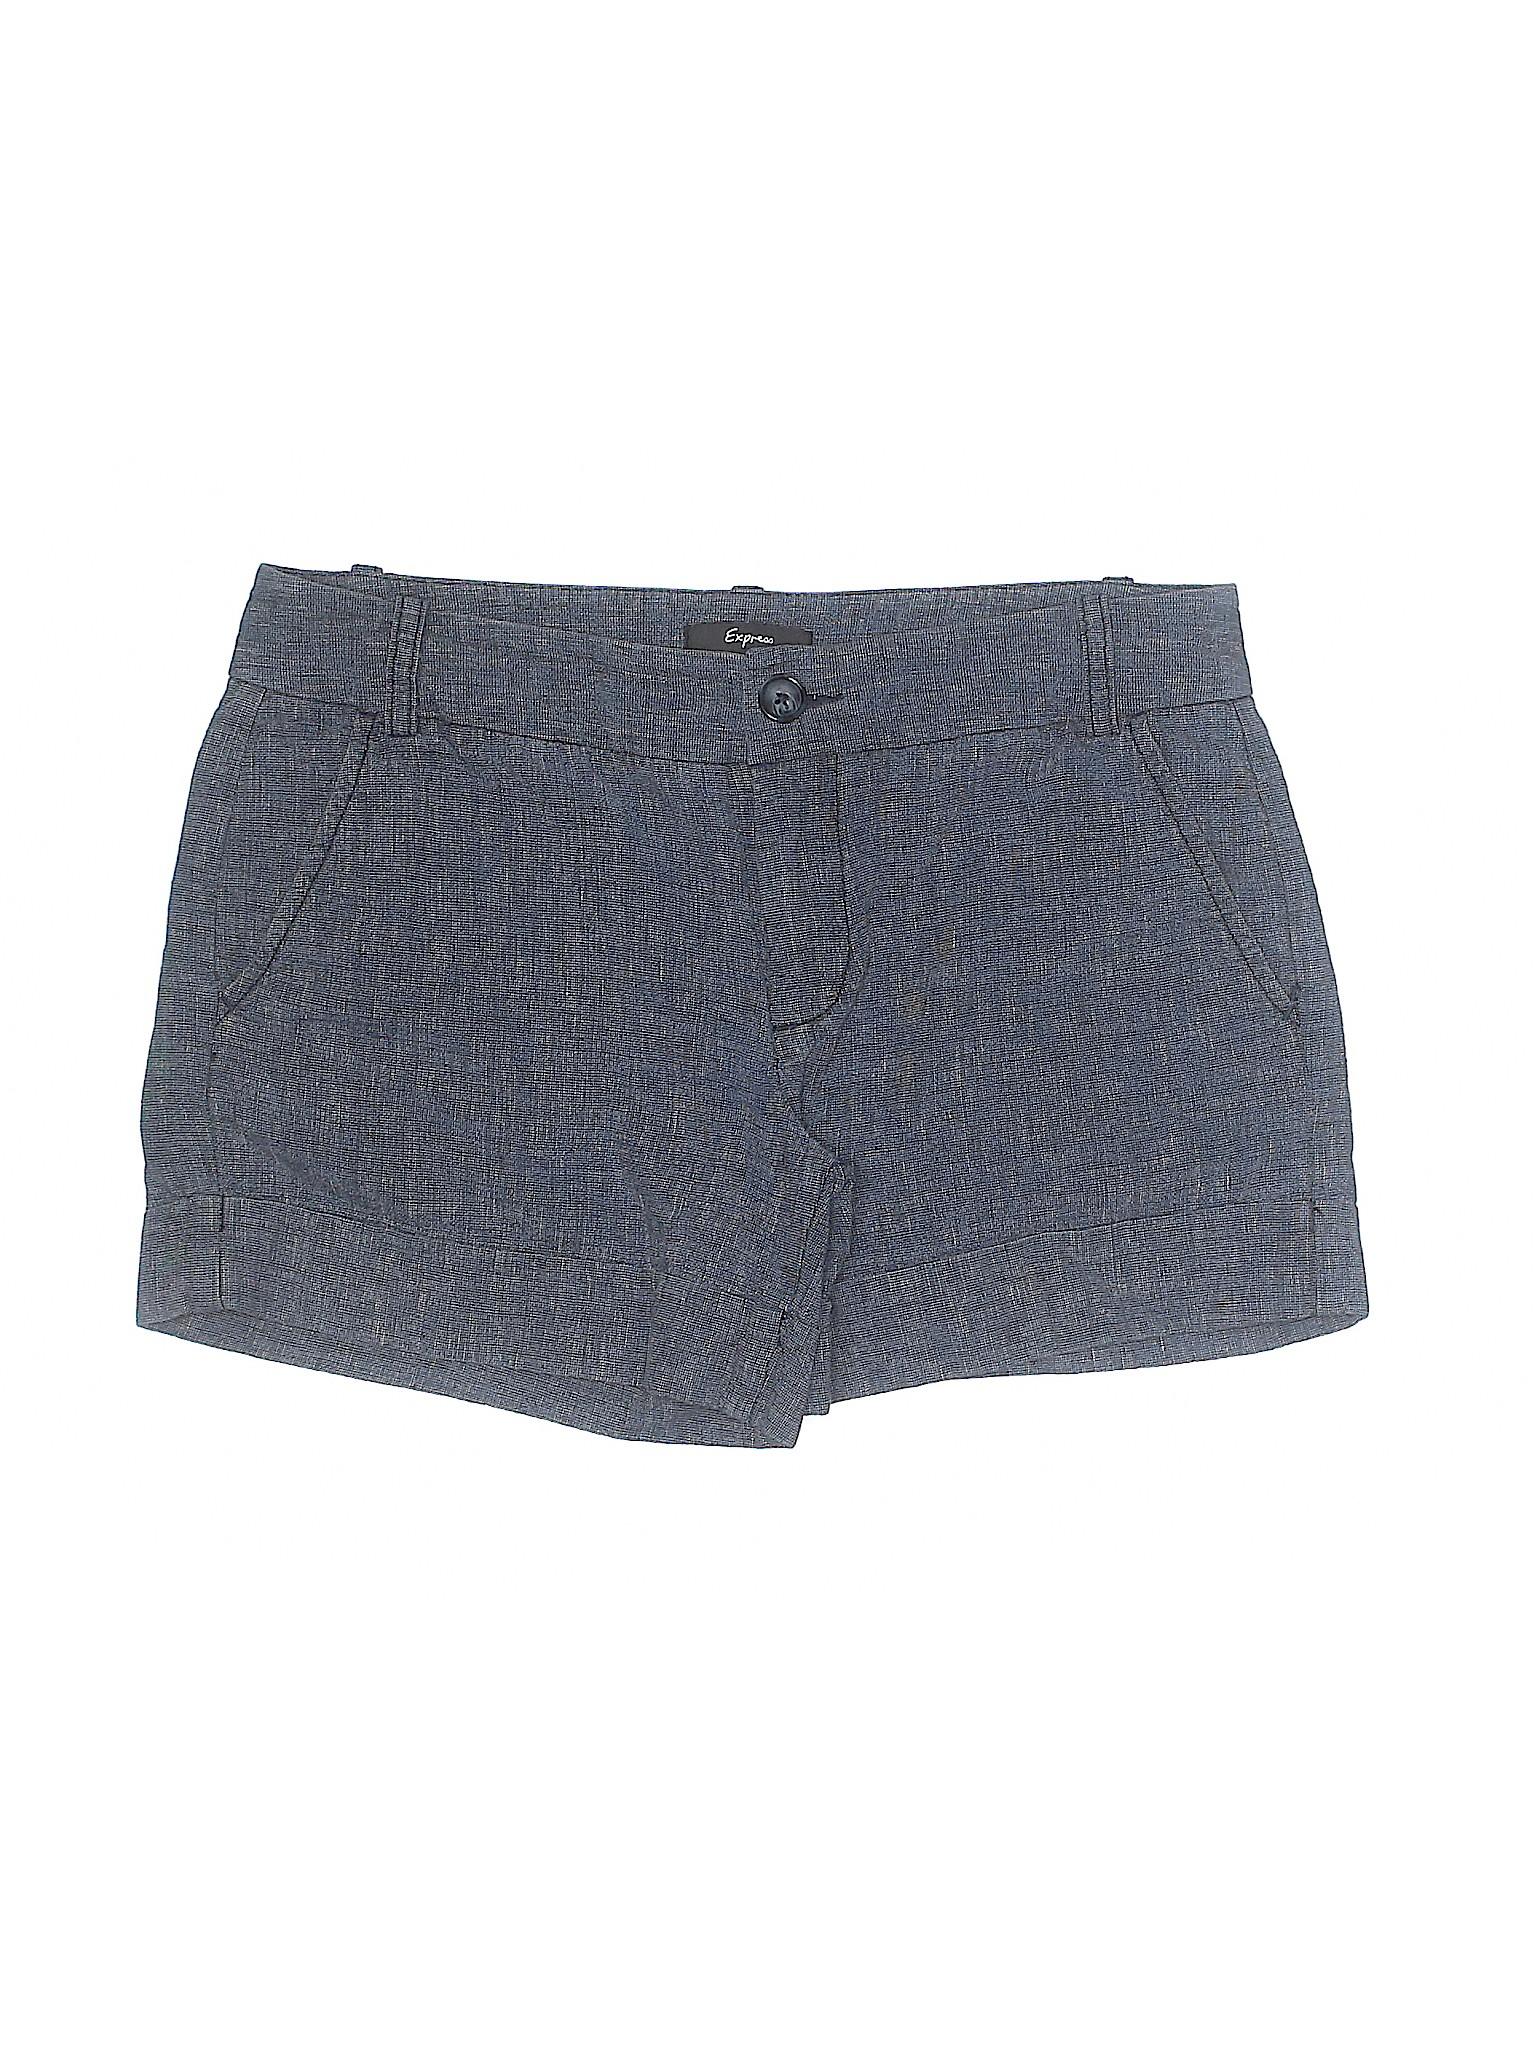 Khaki leisure Boutique Express leisure Shorts Boutique 7nIvBz